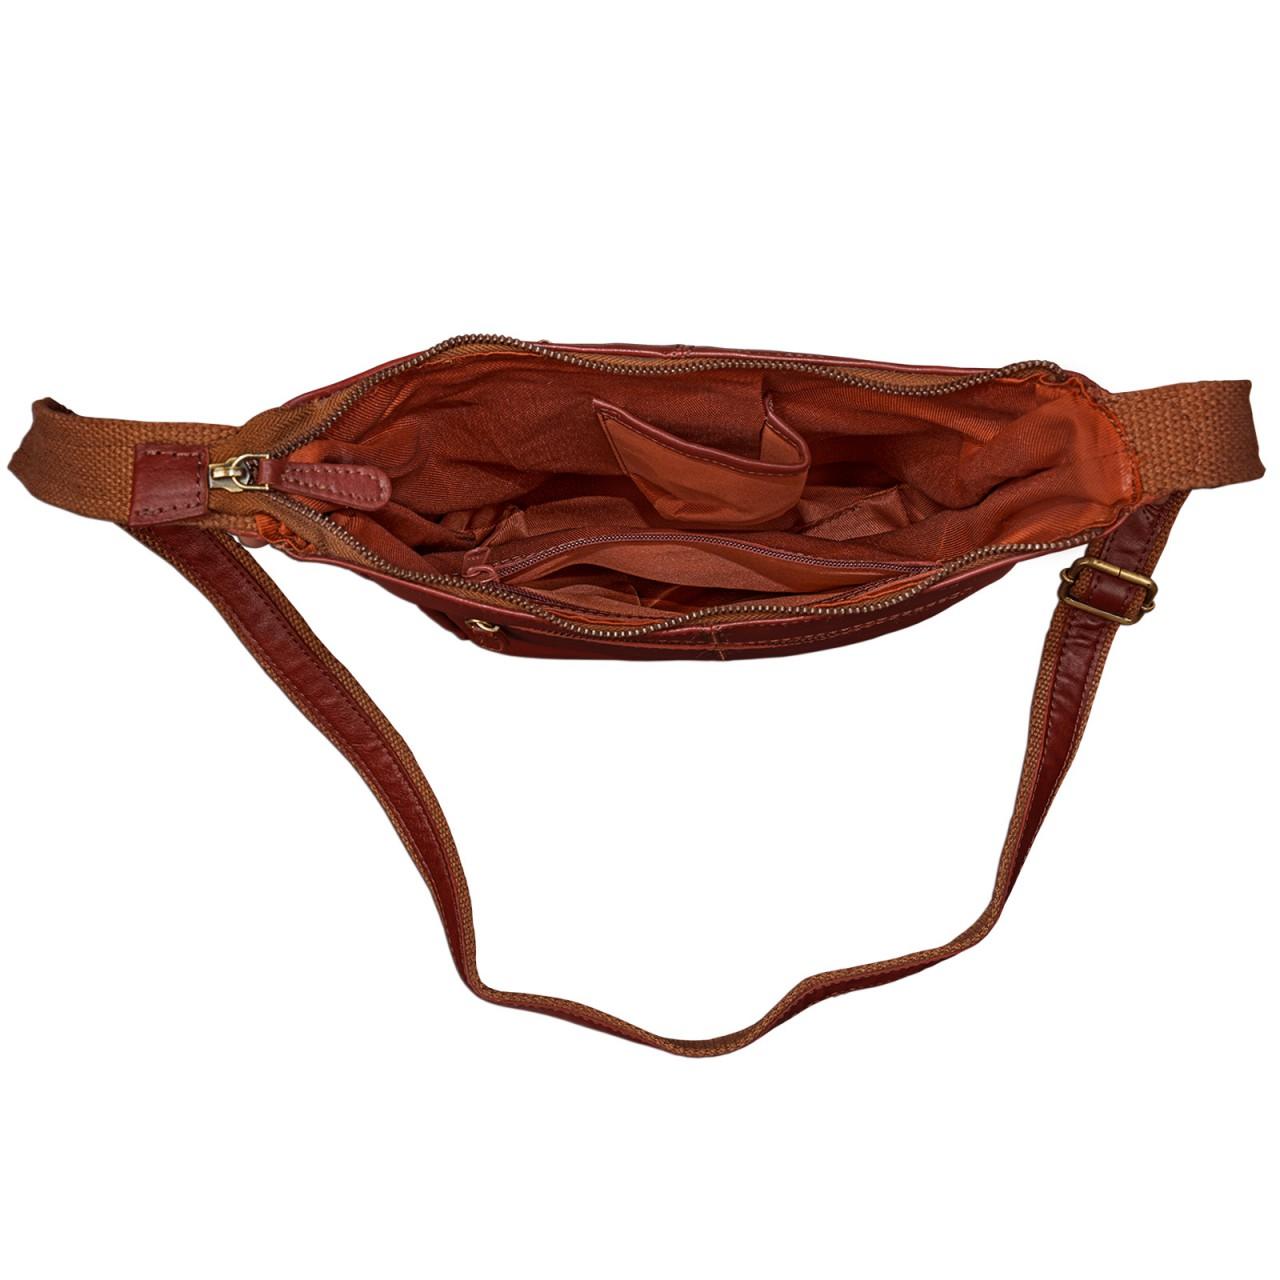 STILORD kleine Lederhandtasche Umhängetasche Vintage Handtasche mit verstellbarem Schulterriemen aus weichem Antik Leder Damen - Bild 9